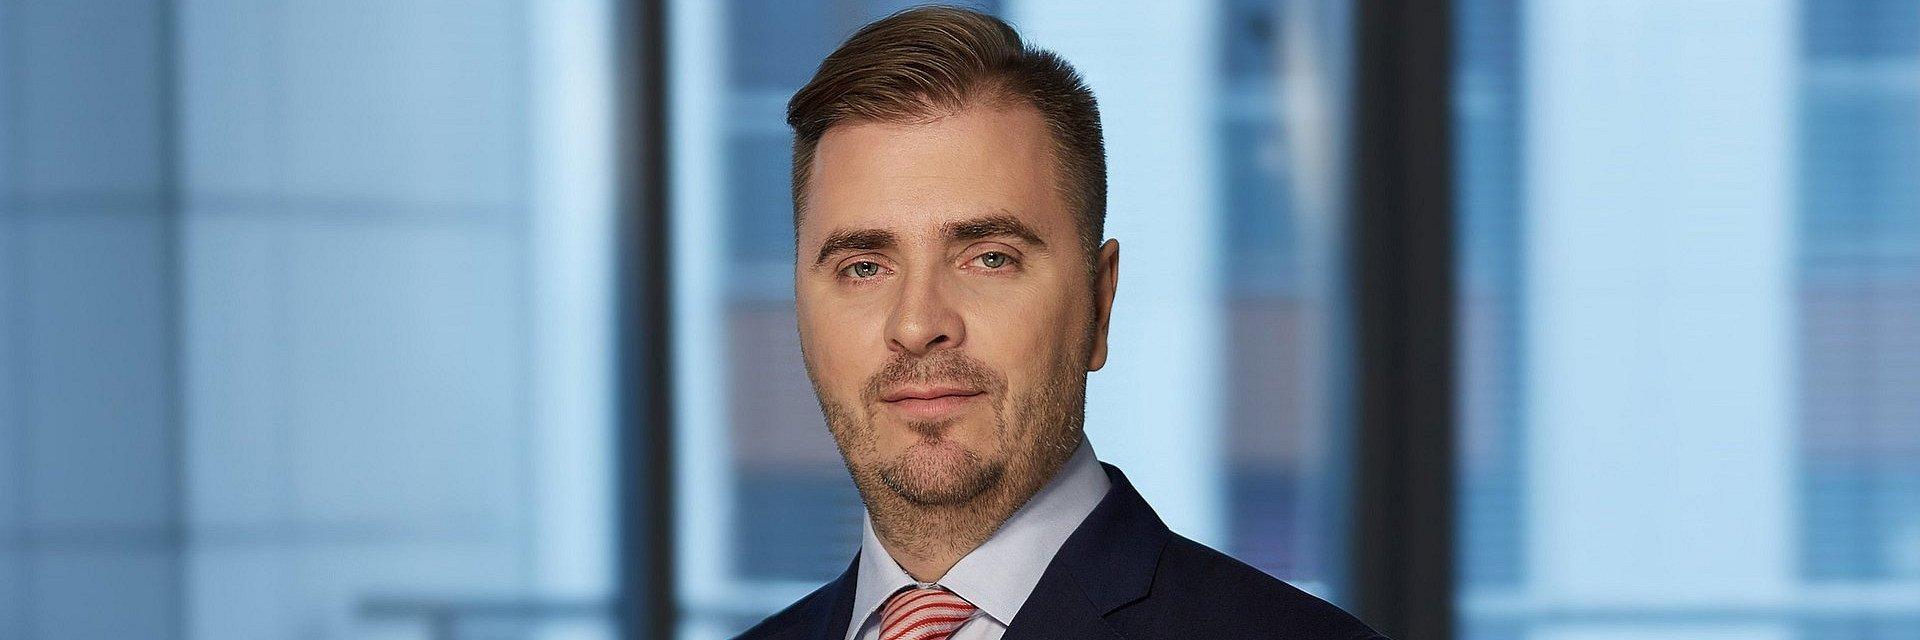 Grzegorz Chłopek odchodzi z zarządu Nationale-Nederlanden PTE